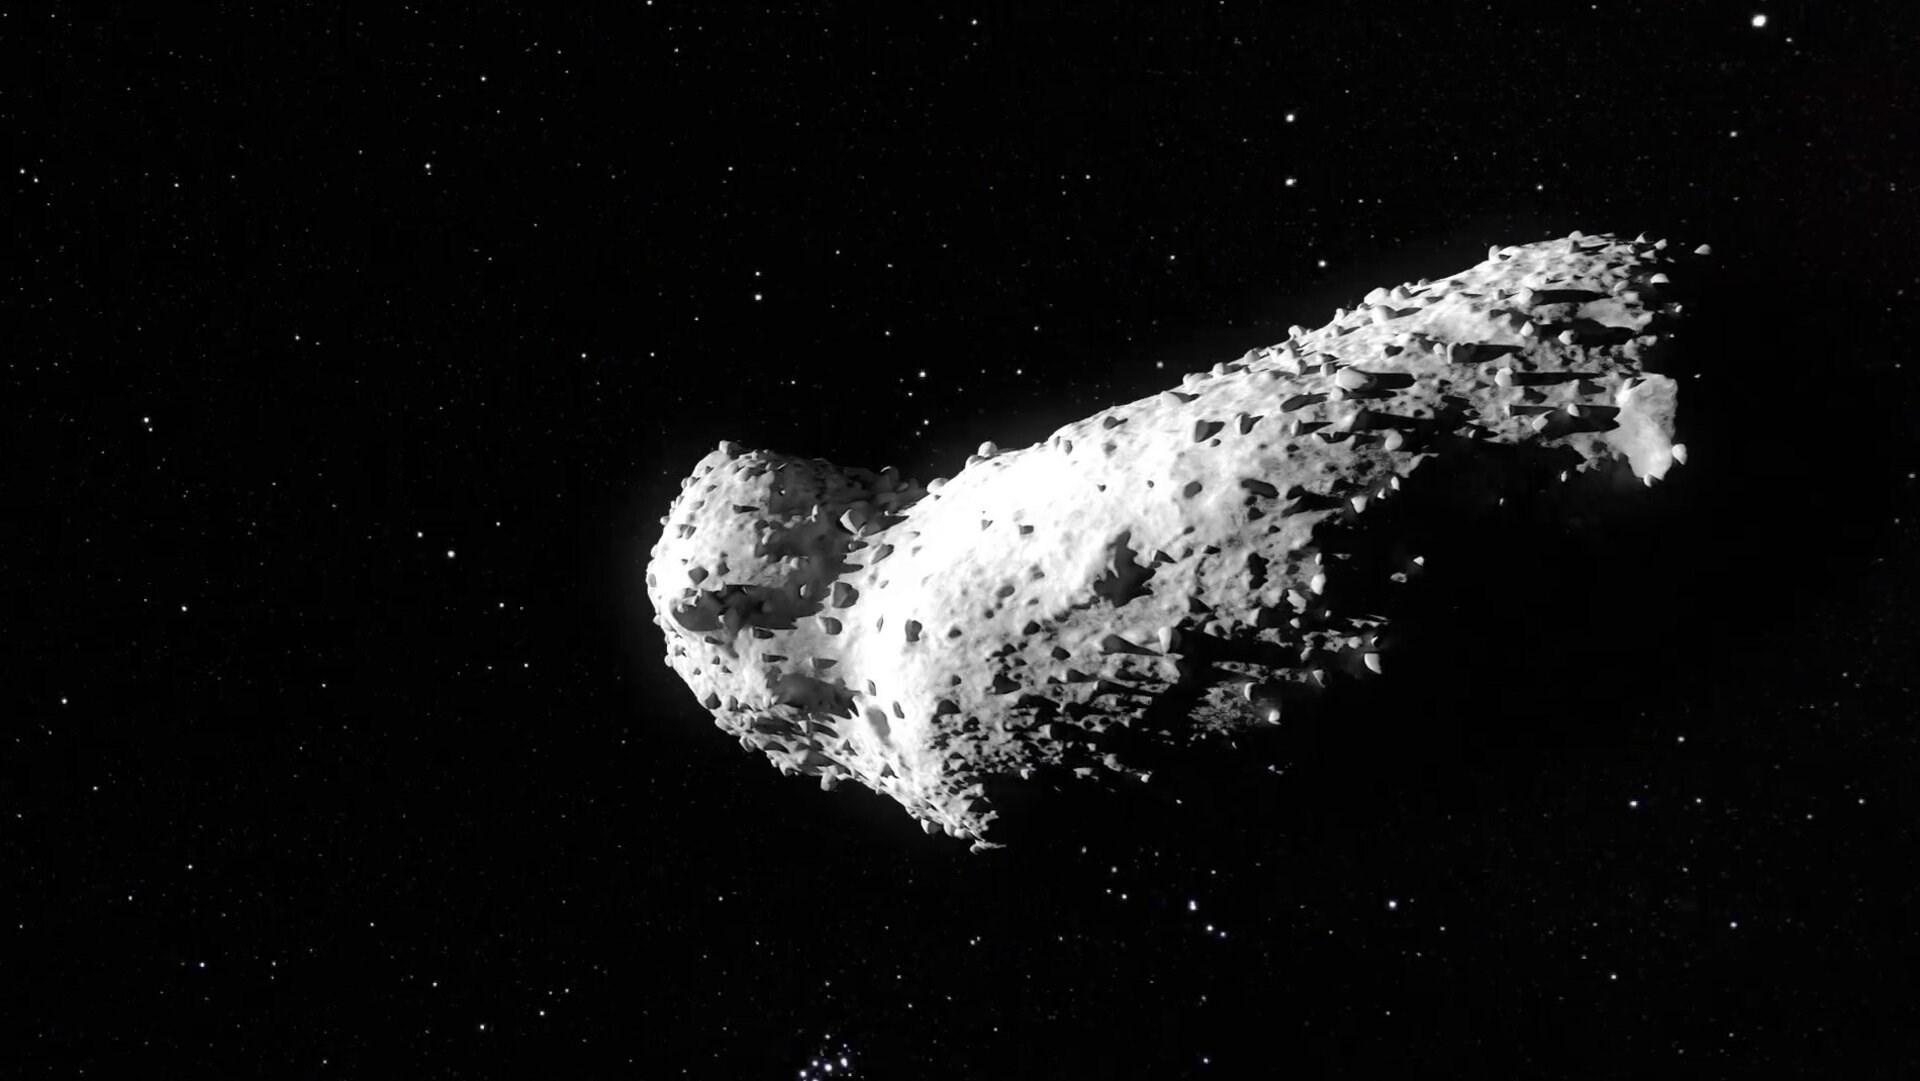 قطر النيزك نحو 256 متراً ومن المقرر أن يمر بالقرب من الأرض